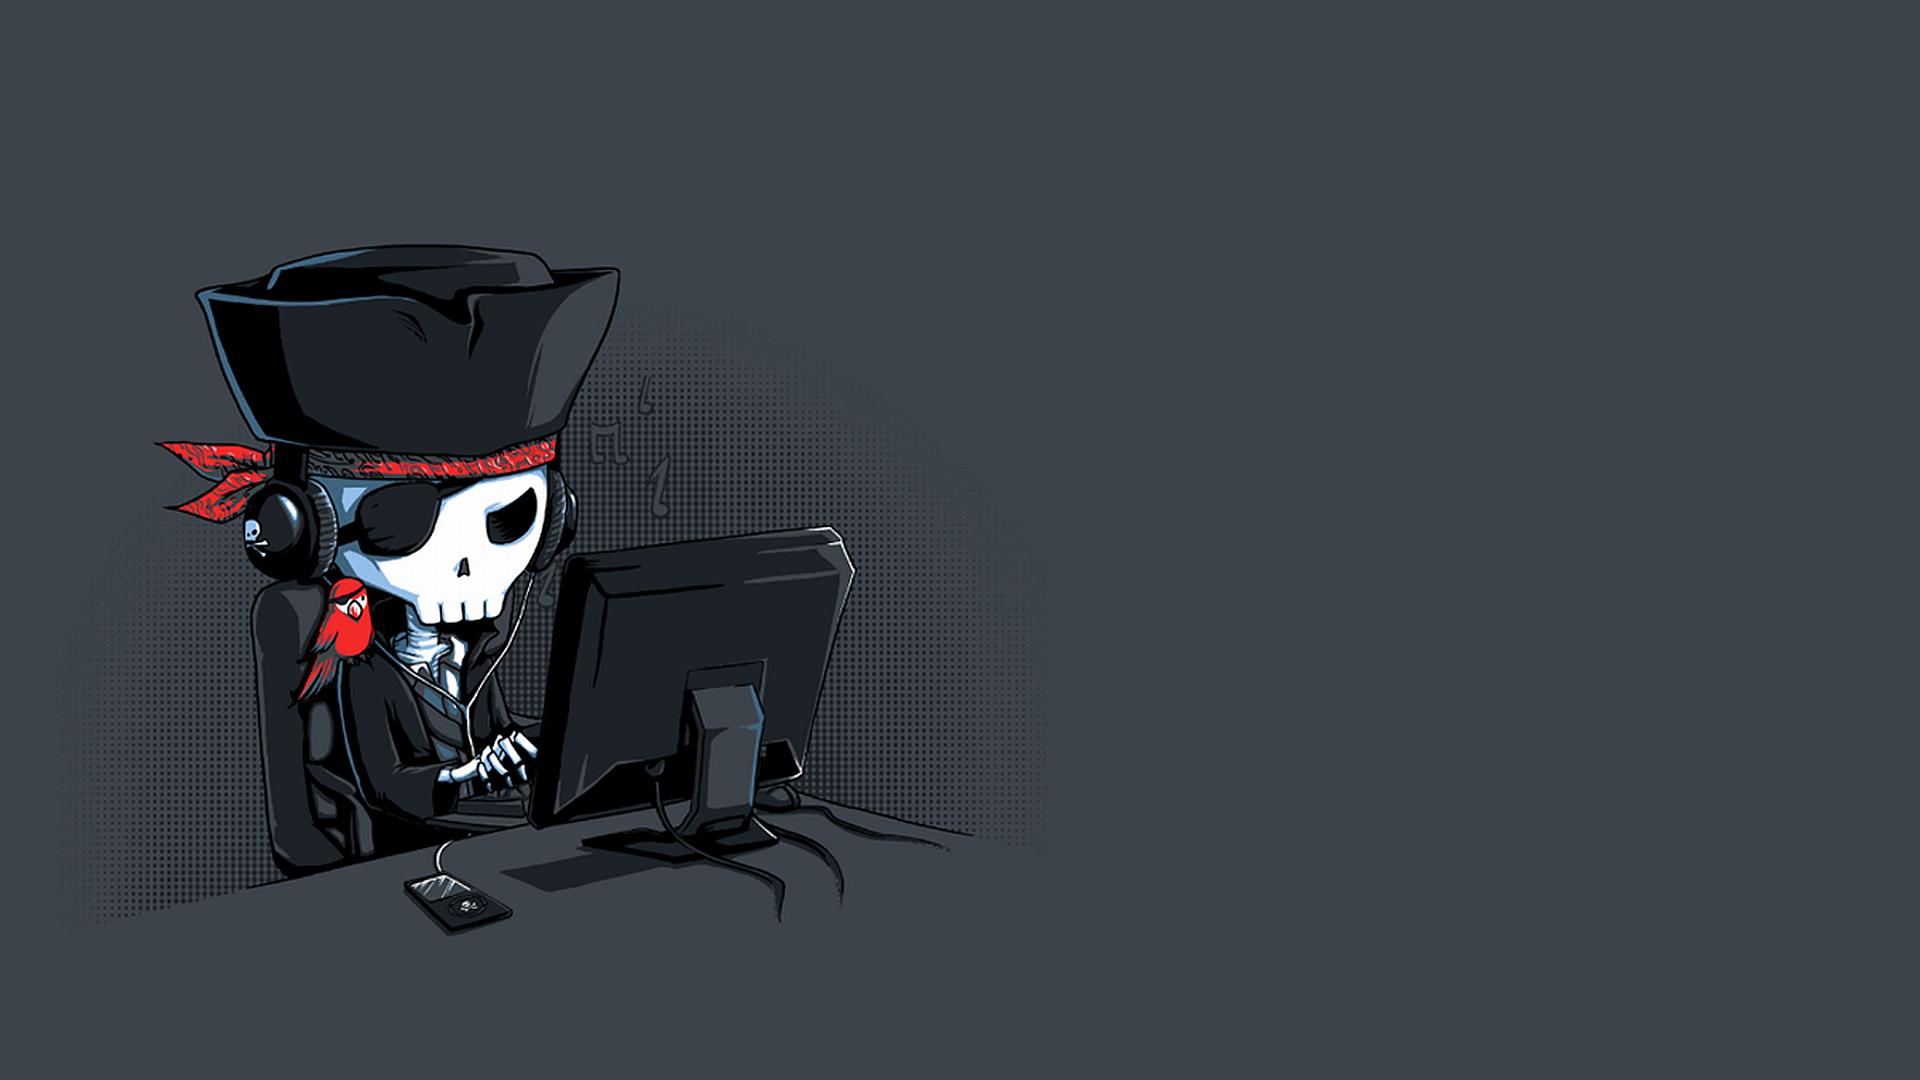 обои для рабочего стола пиратские темы № 618555 загрузить